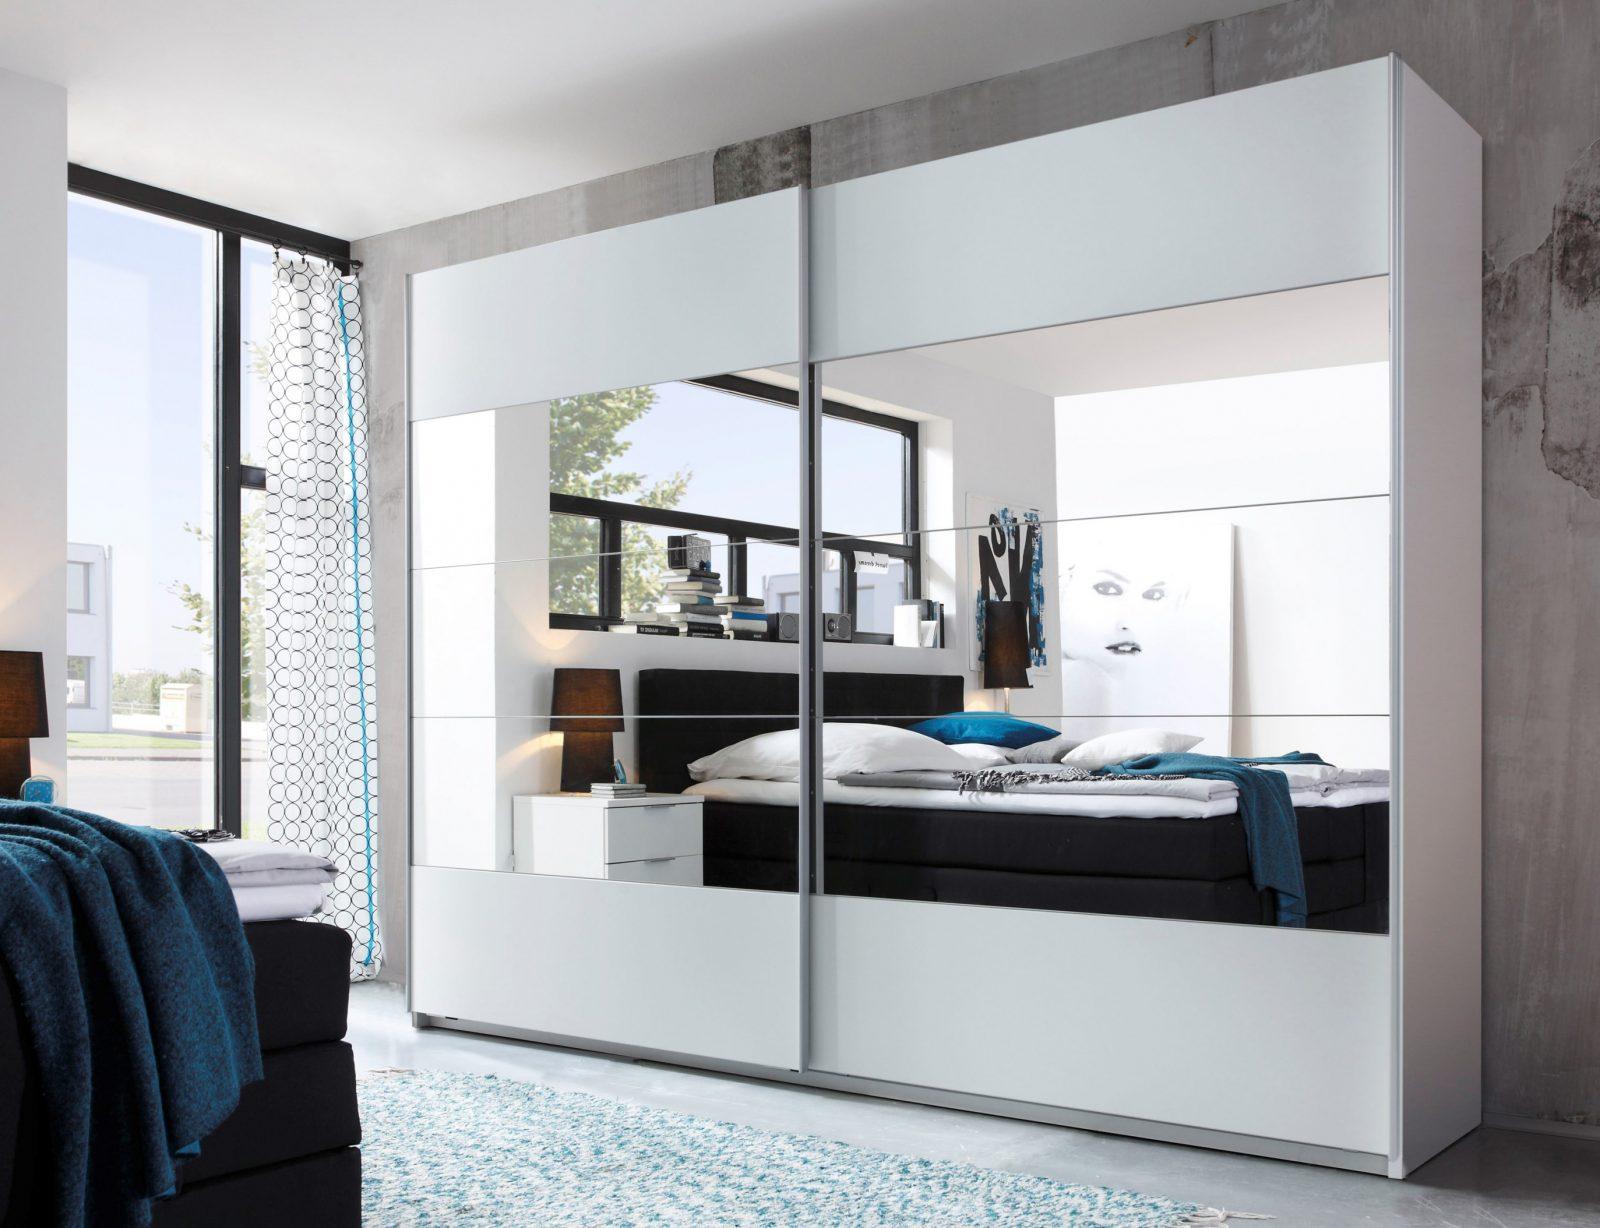 Schlafzimmer Günstige Schlafzimmer Design Aufregend von Schlafzimmer Schrank Ideen Bild